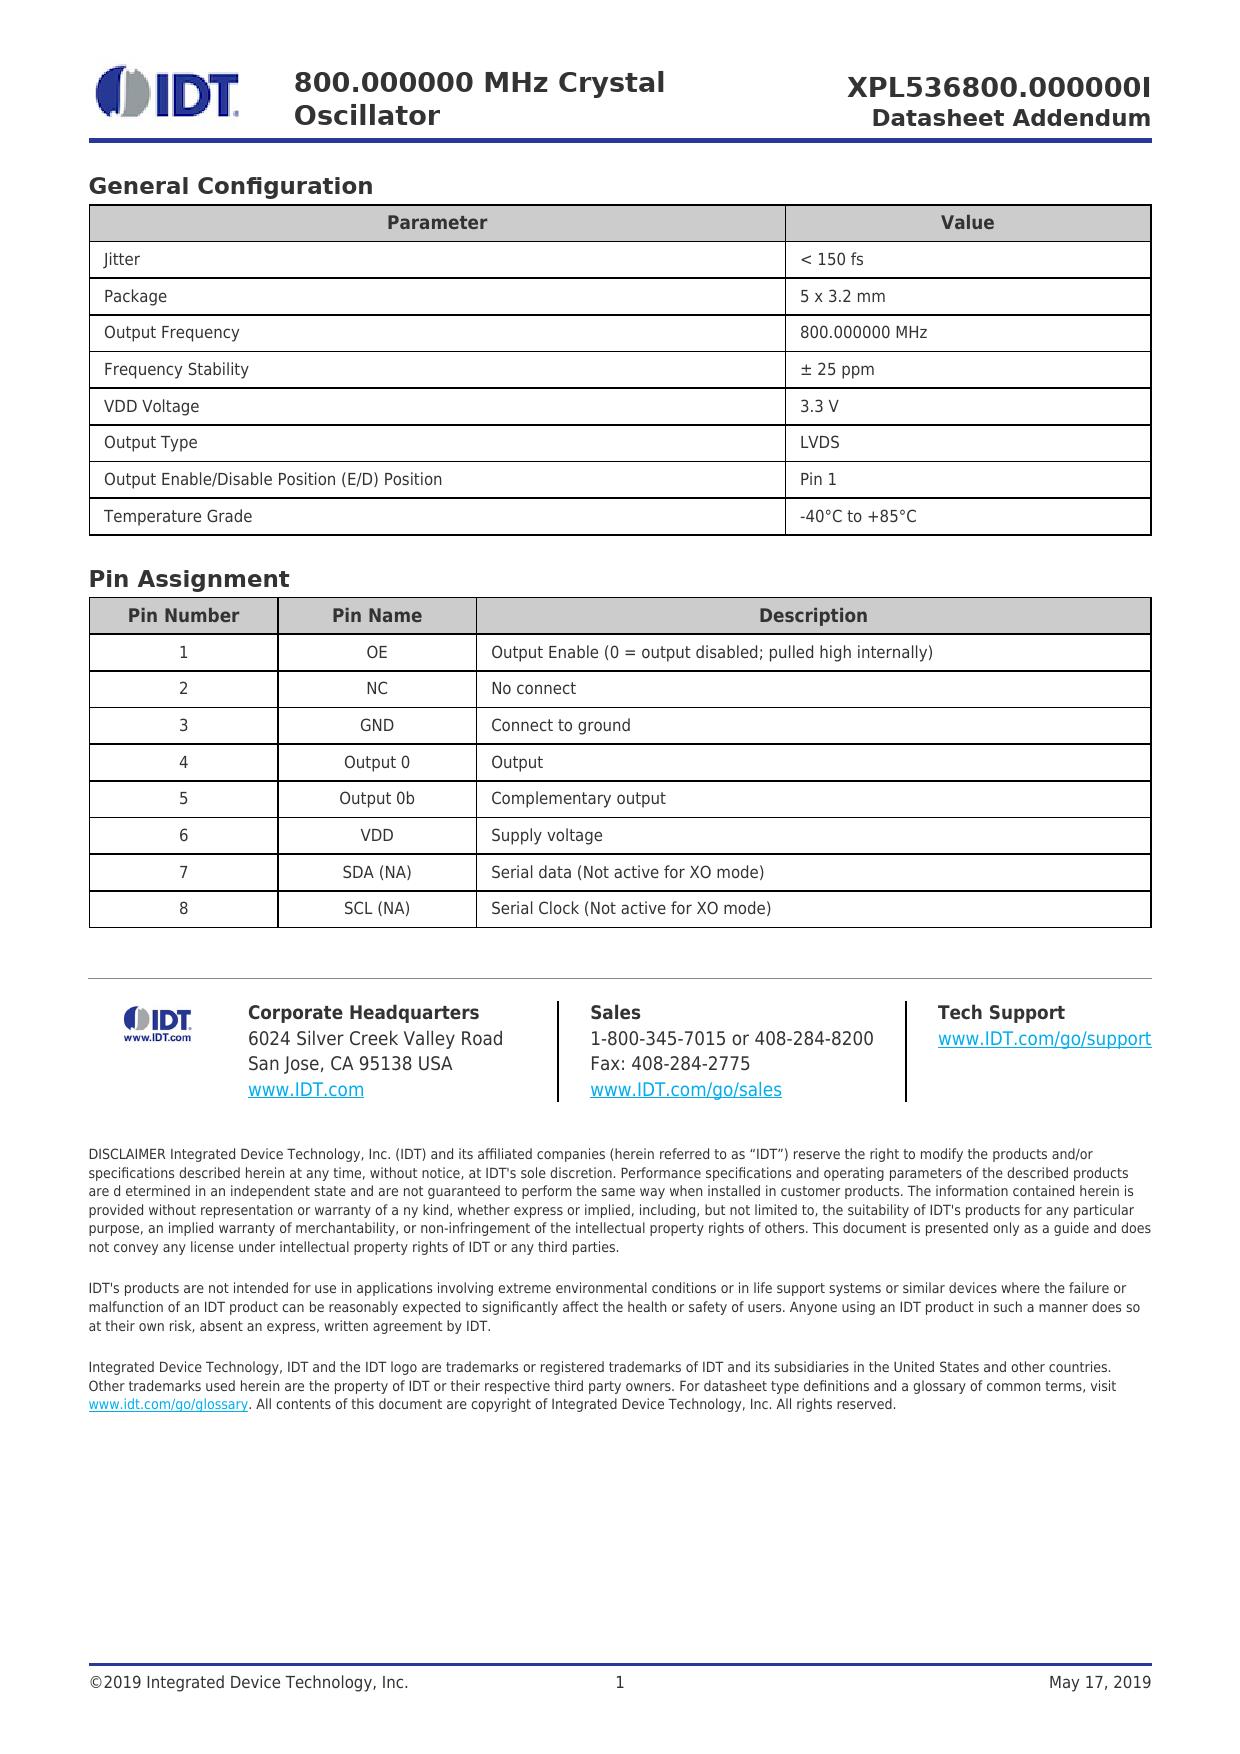 Datasheet Addendum XPL536800.000000I IDT